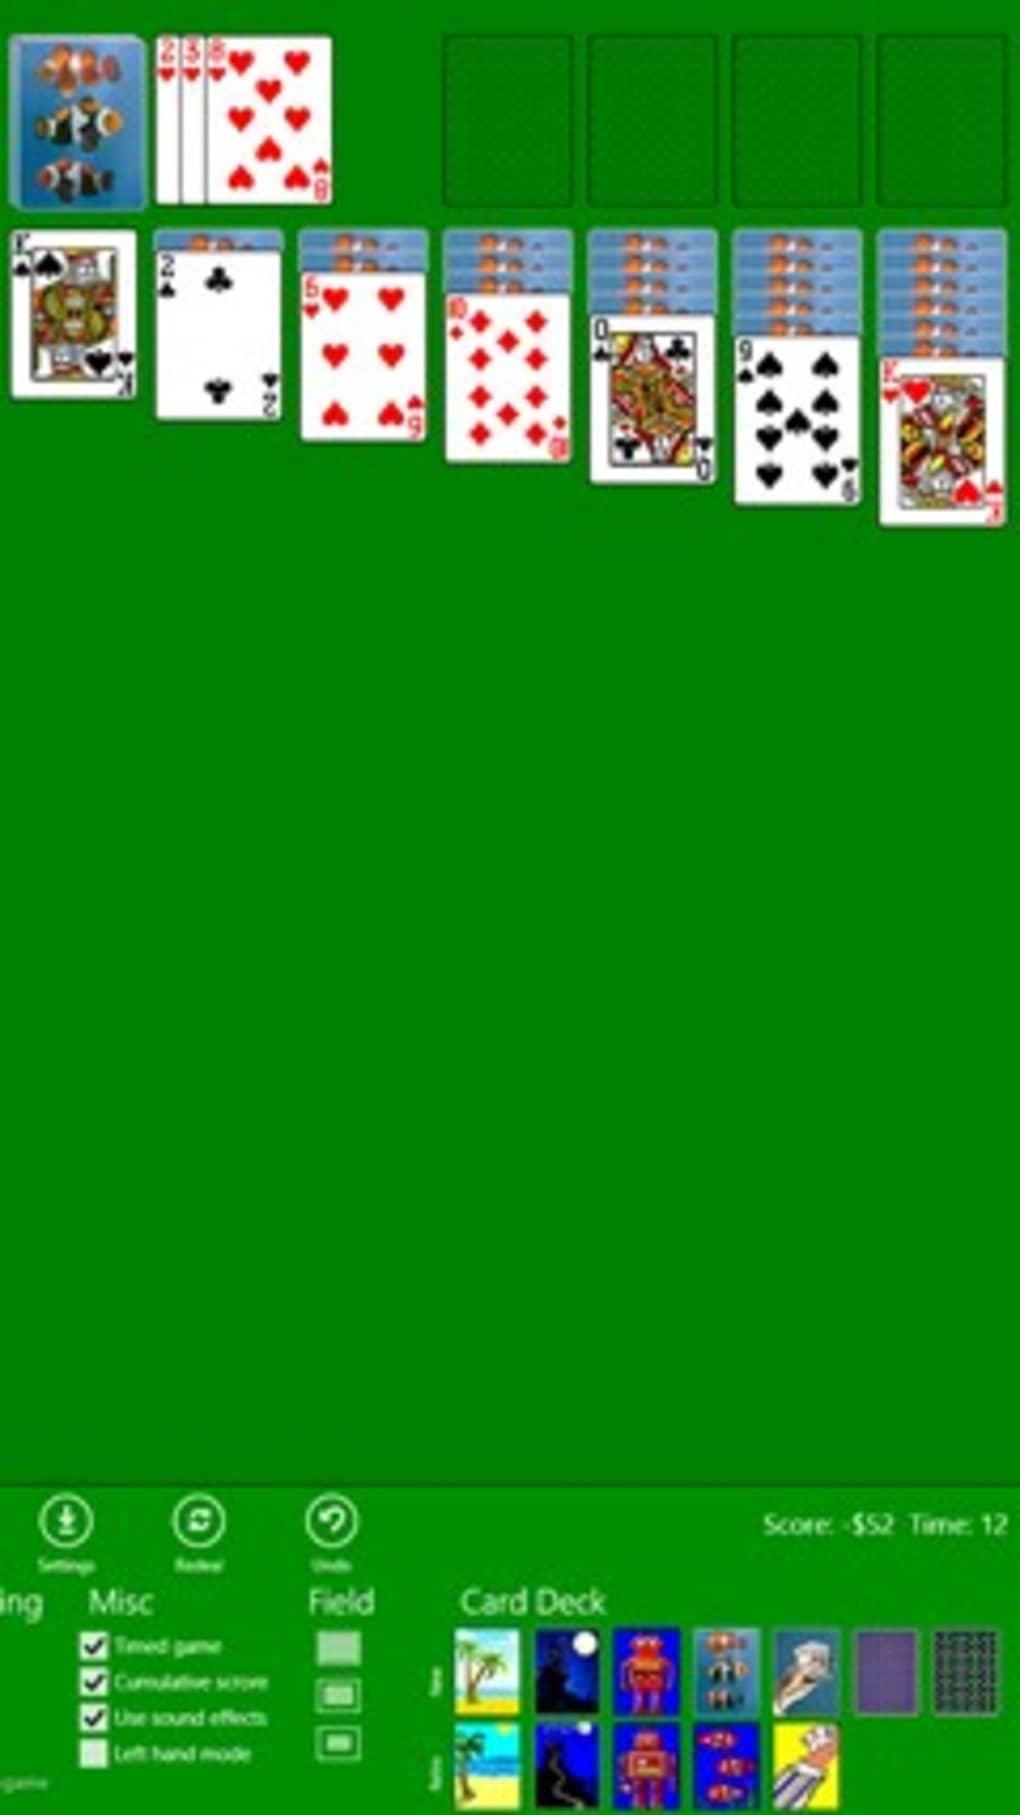 Classic Solitaire (Free) Pour Windows 10 (Windows) - Télécharger concernant Jeux De Cartes À Télécharger Gratuitement